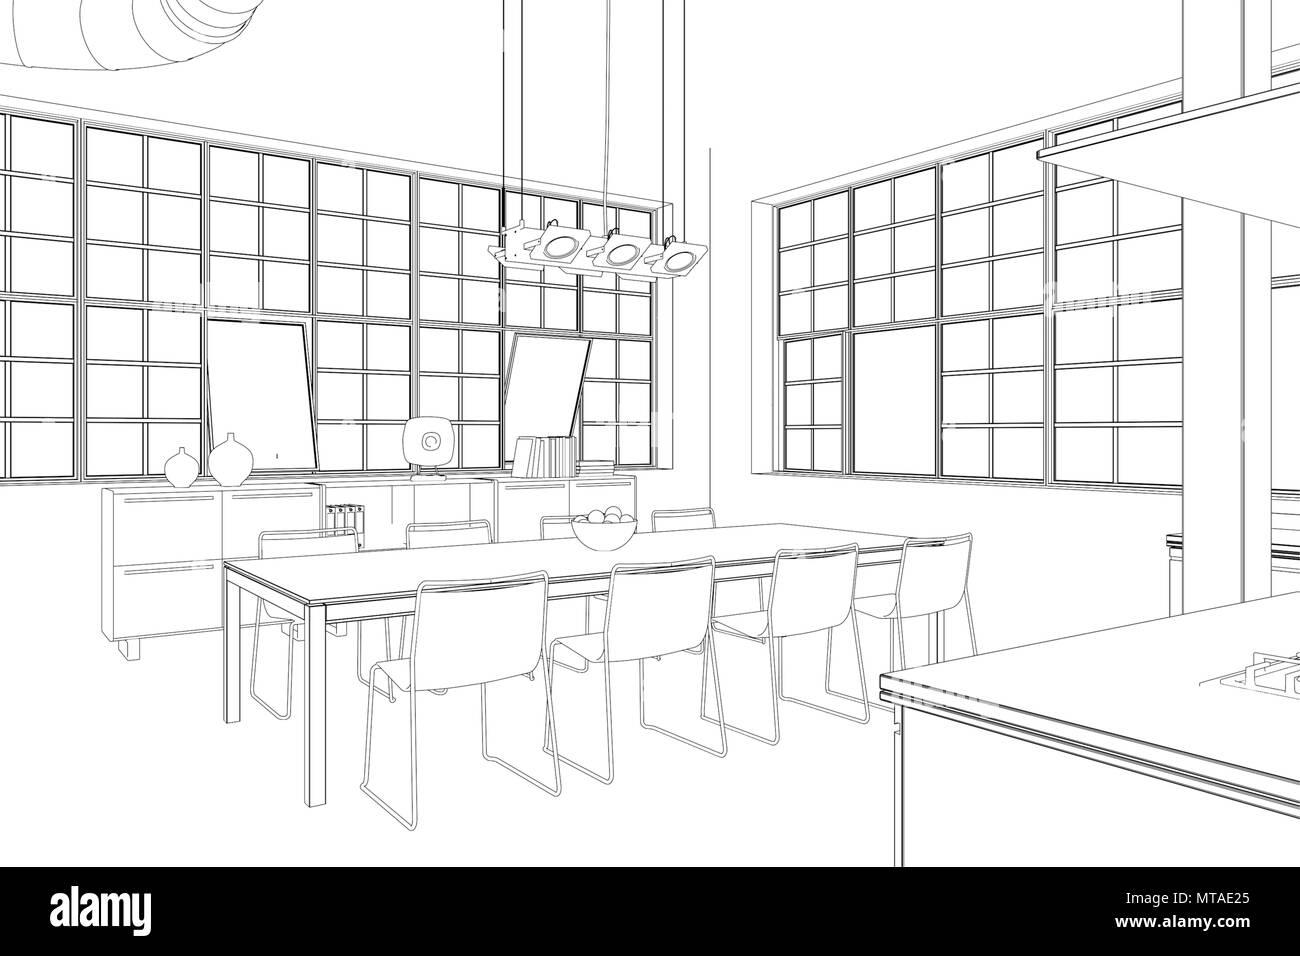 Sala Da Pranzo Disegno.Interior Design Moderno Loft Sala Da Pranzo Il Disegno